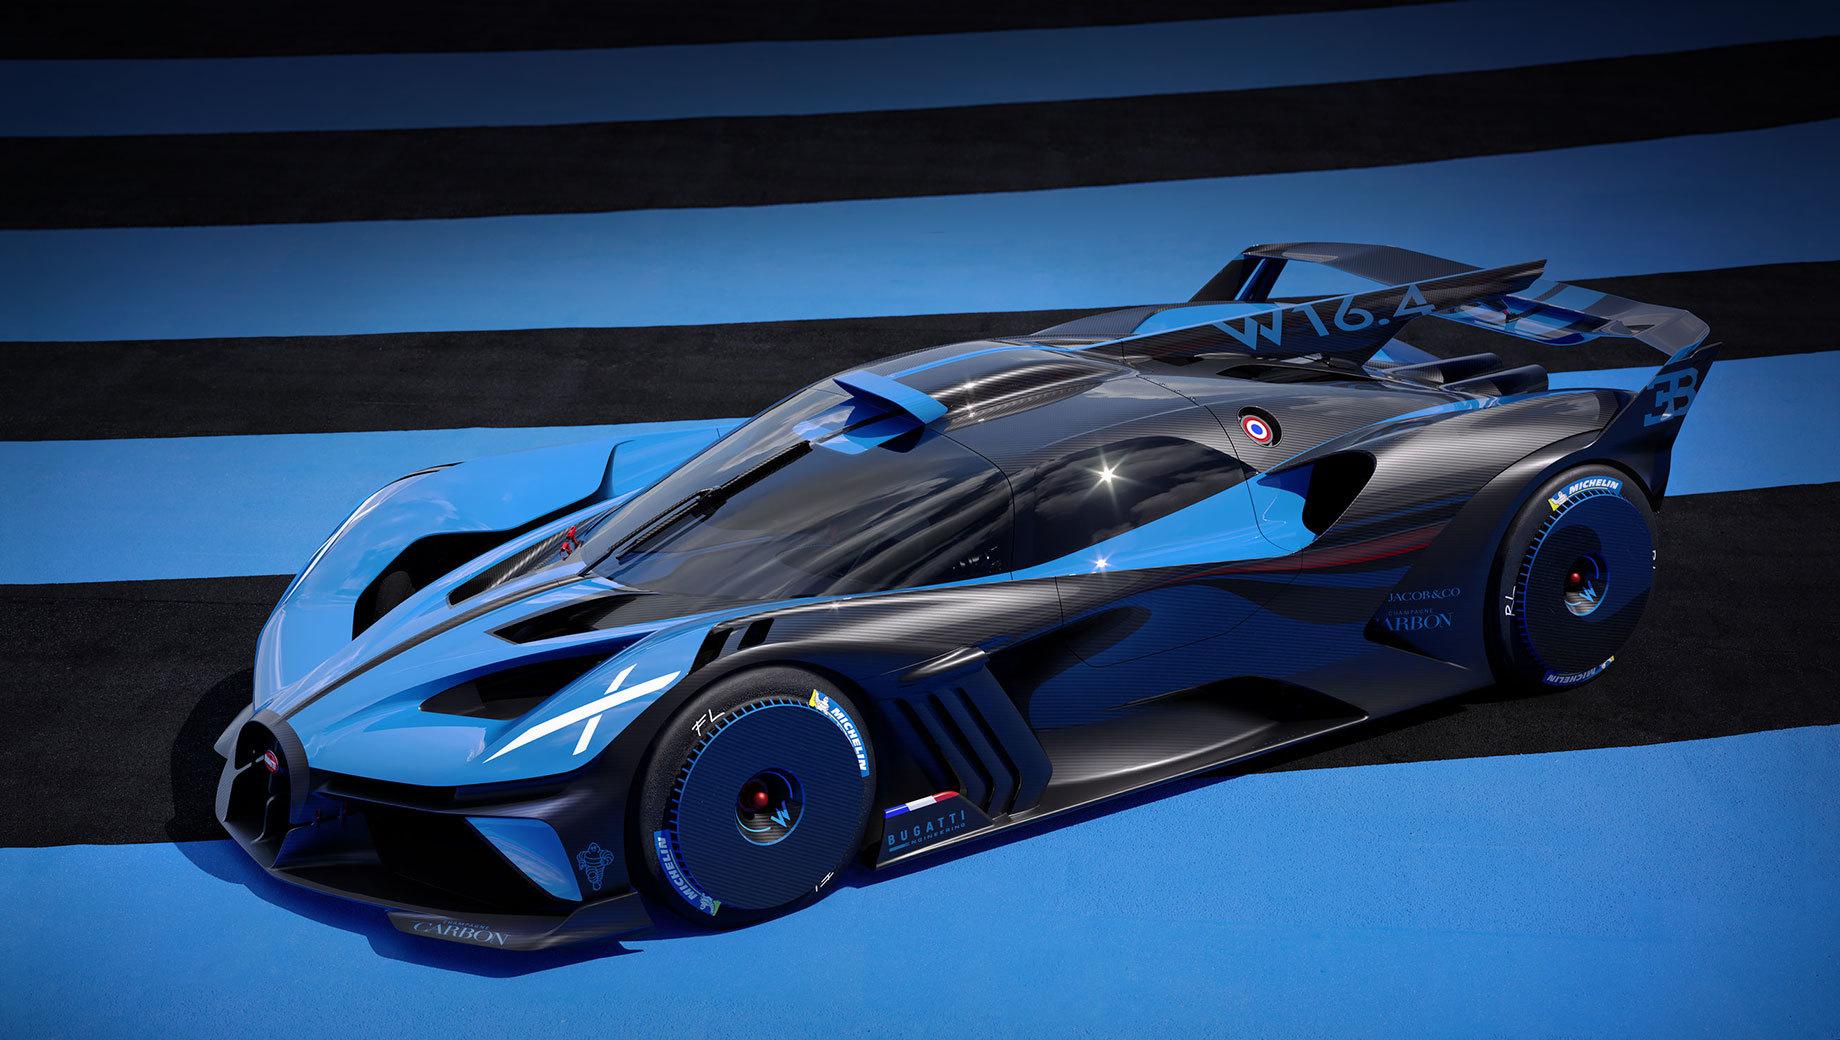 Bugatti bolide. Внешне и не скажешь, что машина является родственницей Широна и его многочисленных вариаций. Однако технически они близки.